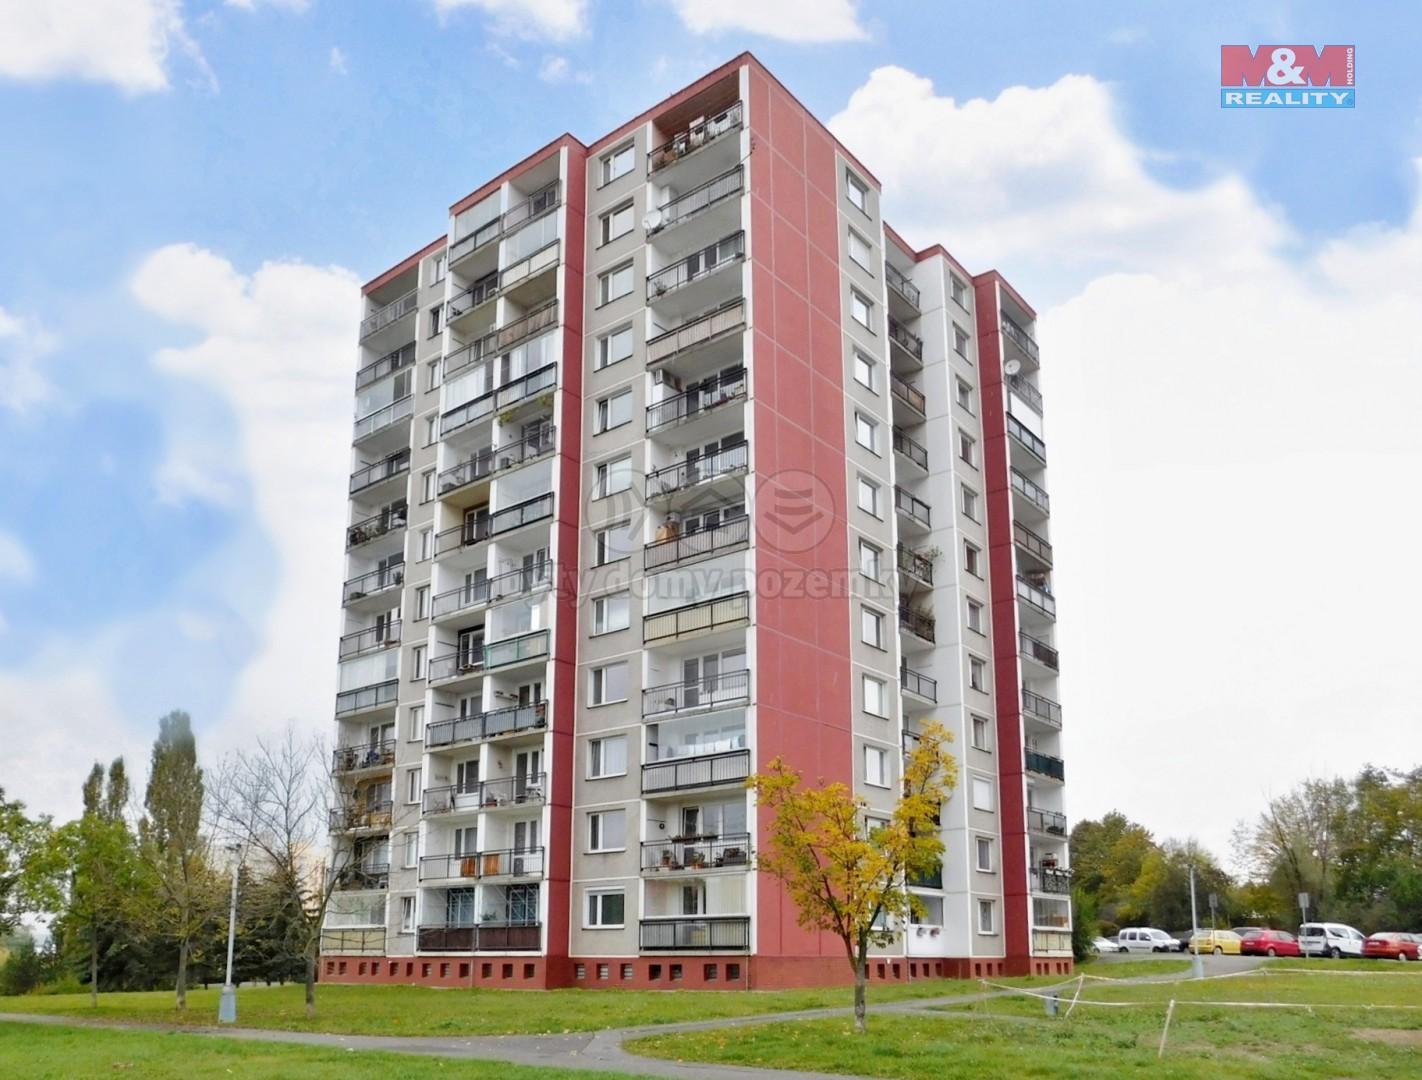 Prodej bytu 2+kk, 54 m², Praha 4 - Kamýk, ul. Imrychova